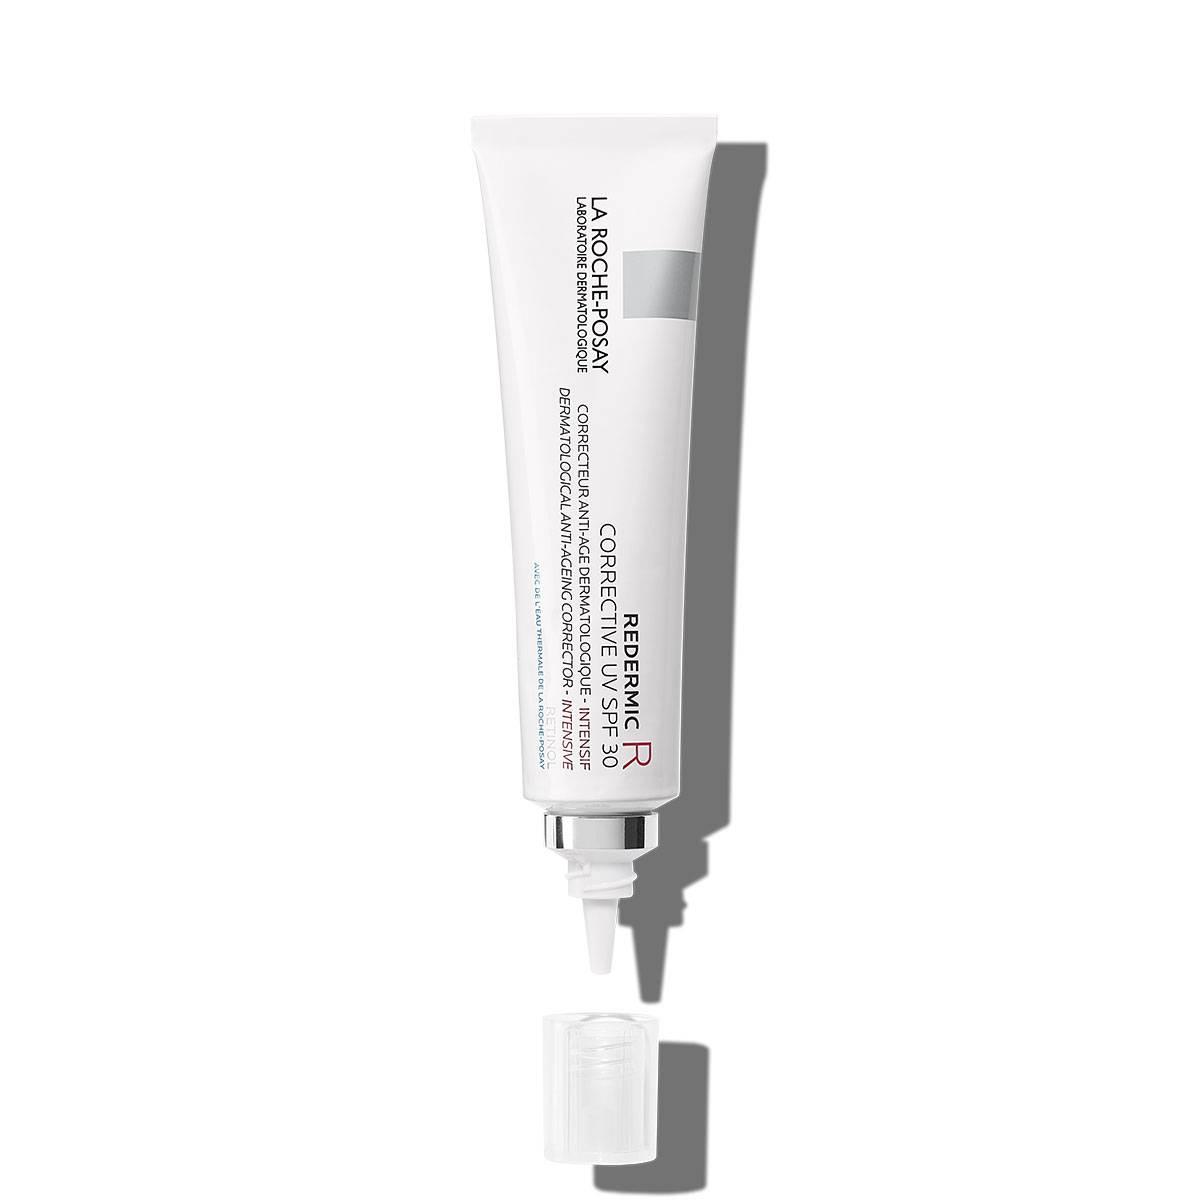 La Roche Posay ProductPage Anti Aging Cream Redermic R Corrective UV S